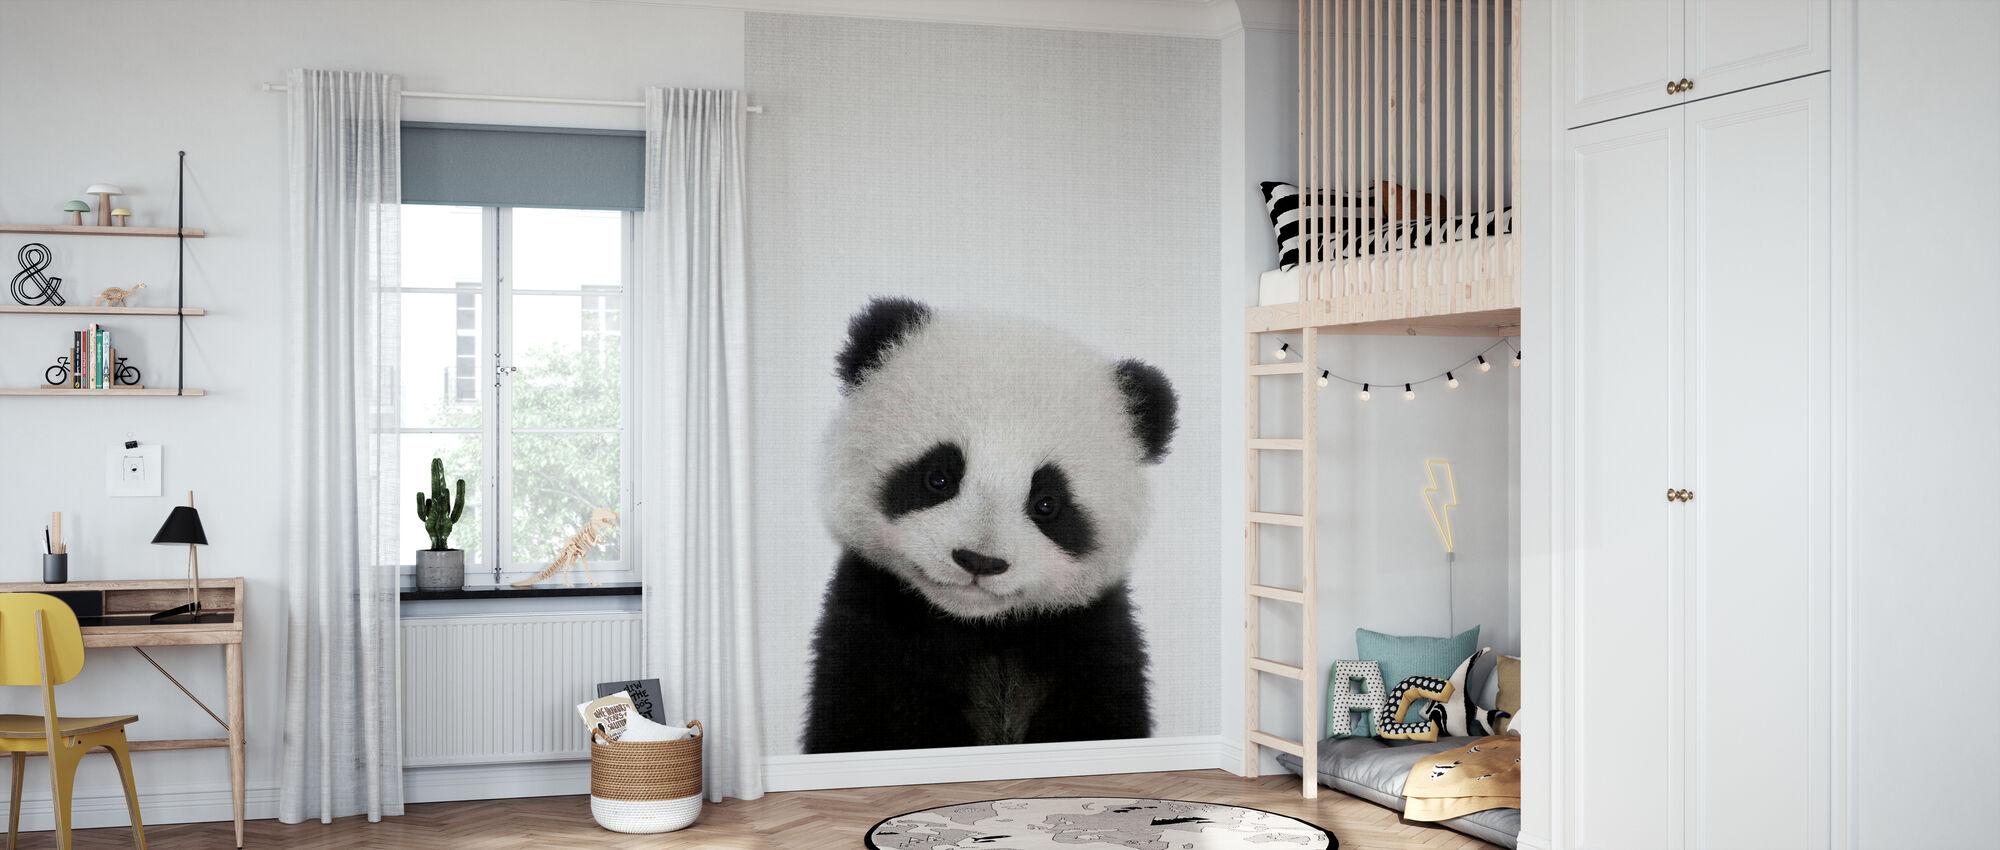 Panda - Wallpaper - Kids Room